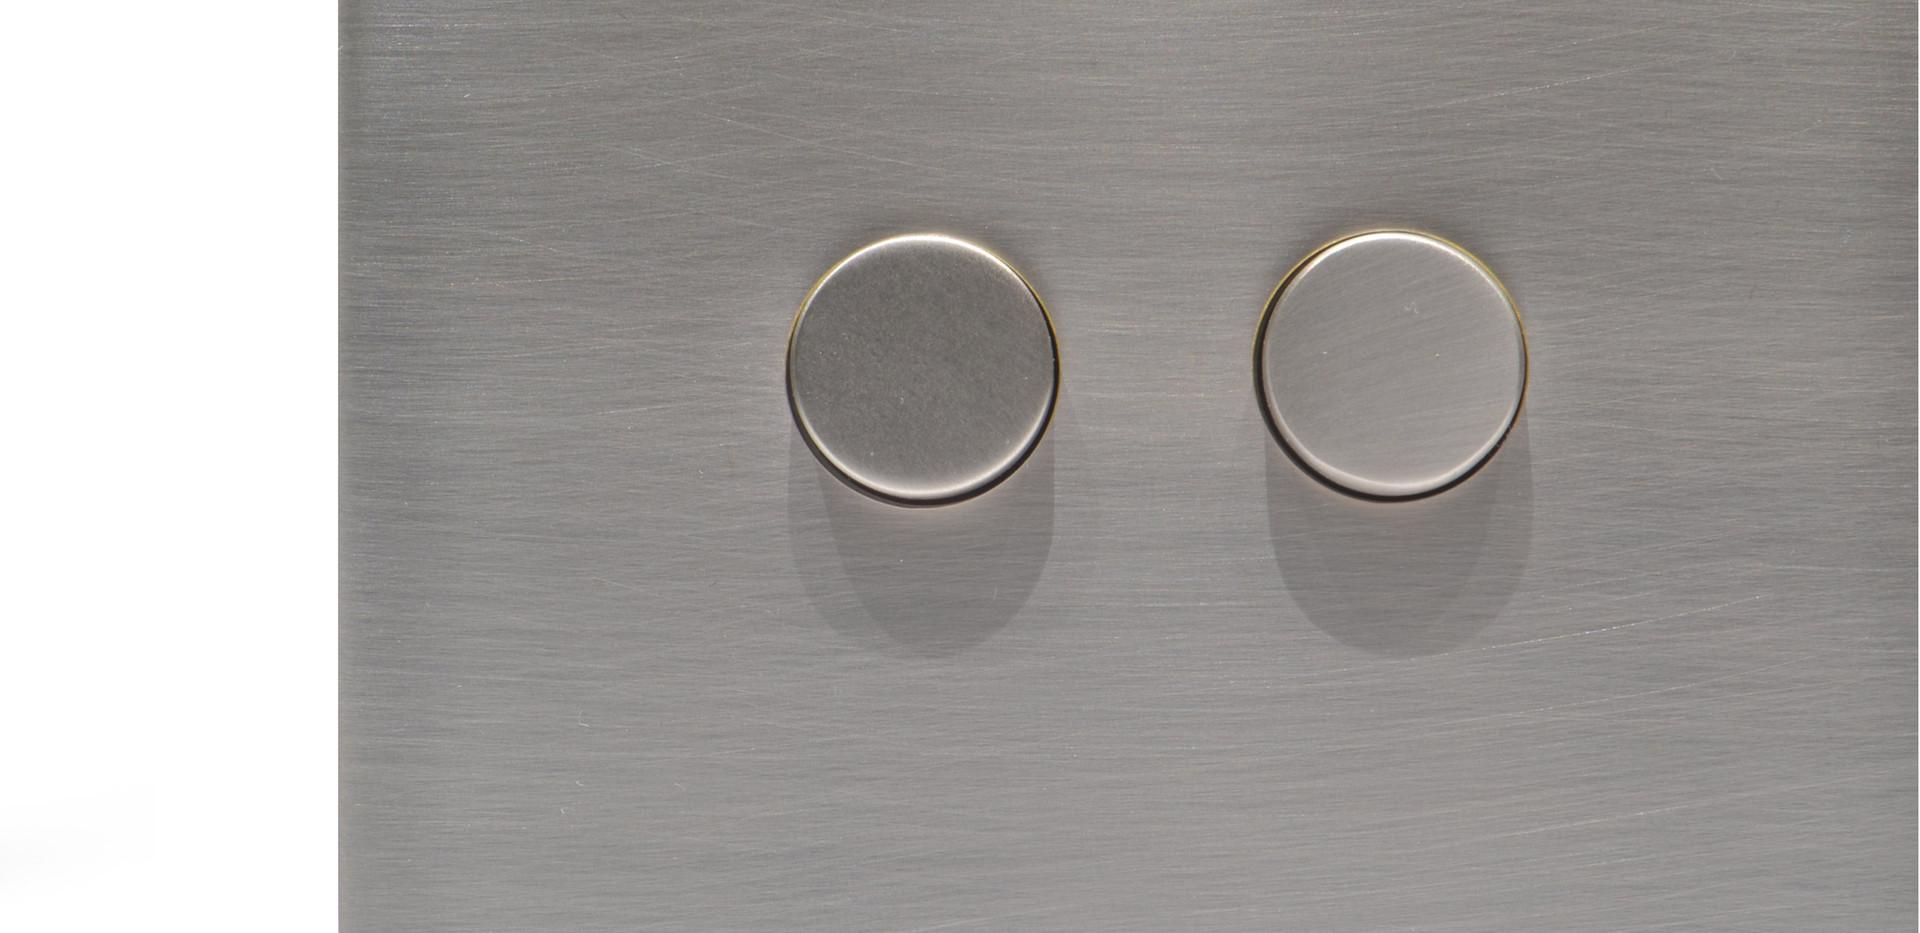 Pulsantiera-Nickel-bianco-Matt-(3).jpg